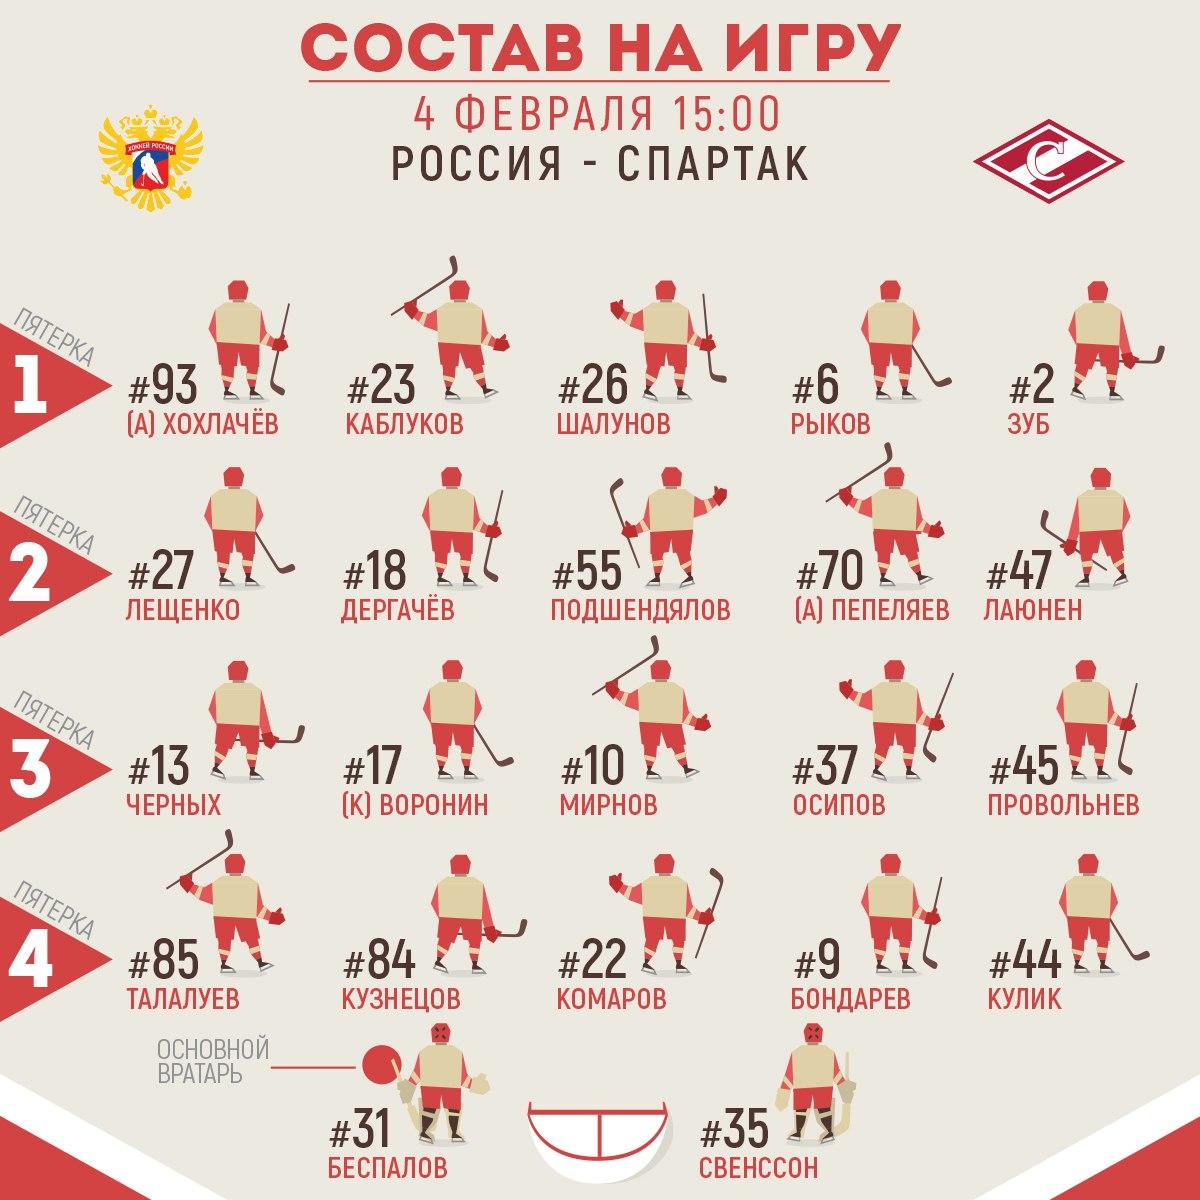 Состав «Спартака» на матч со сборной России